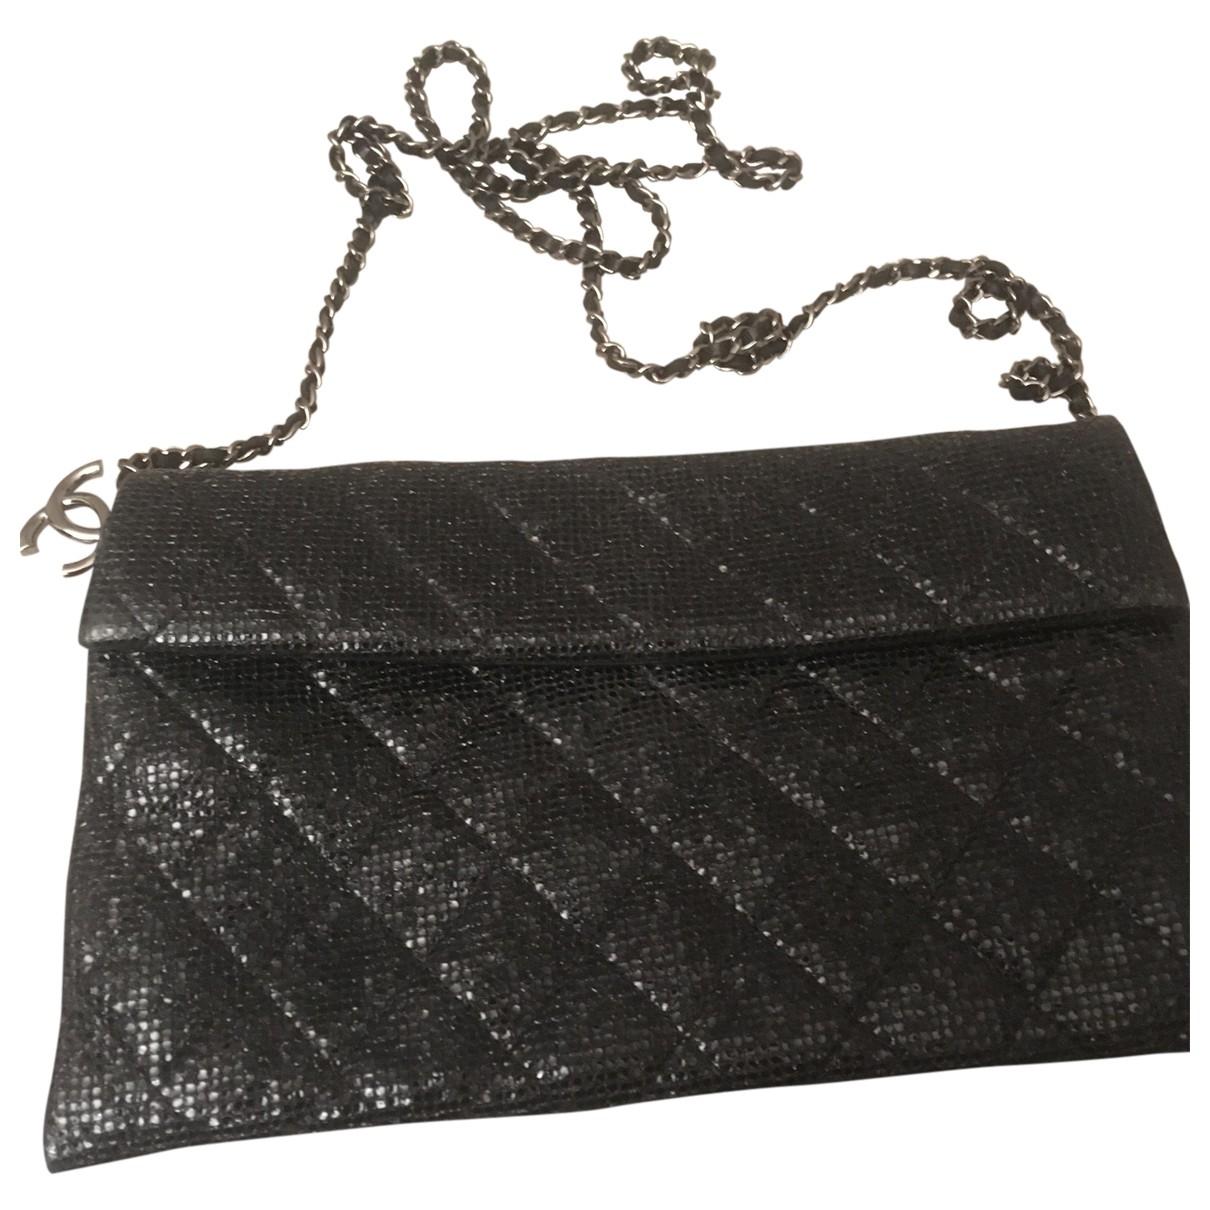 Pochette de Con lentejuelas Chanel